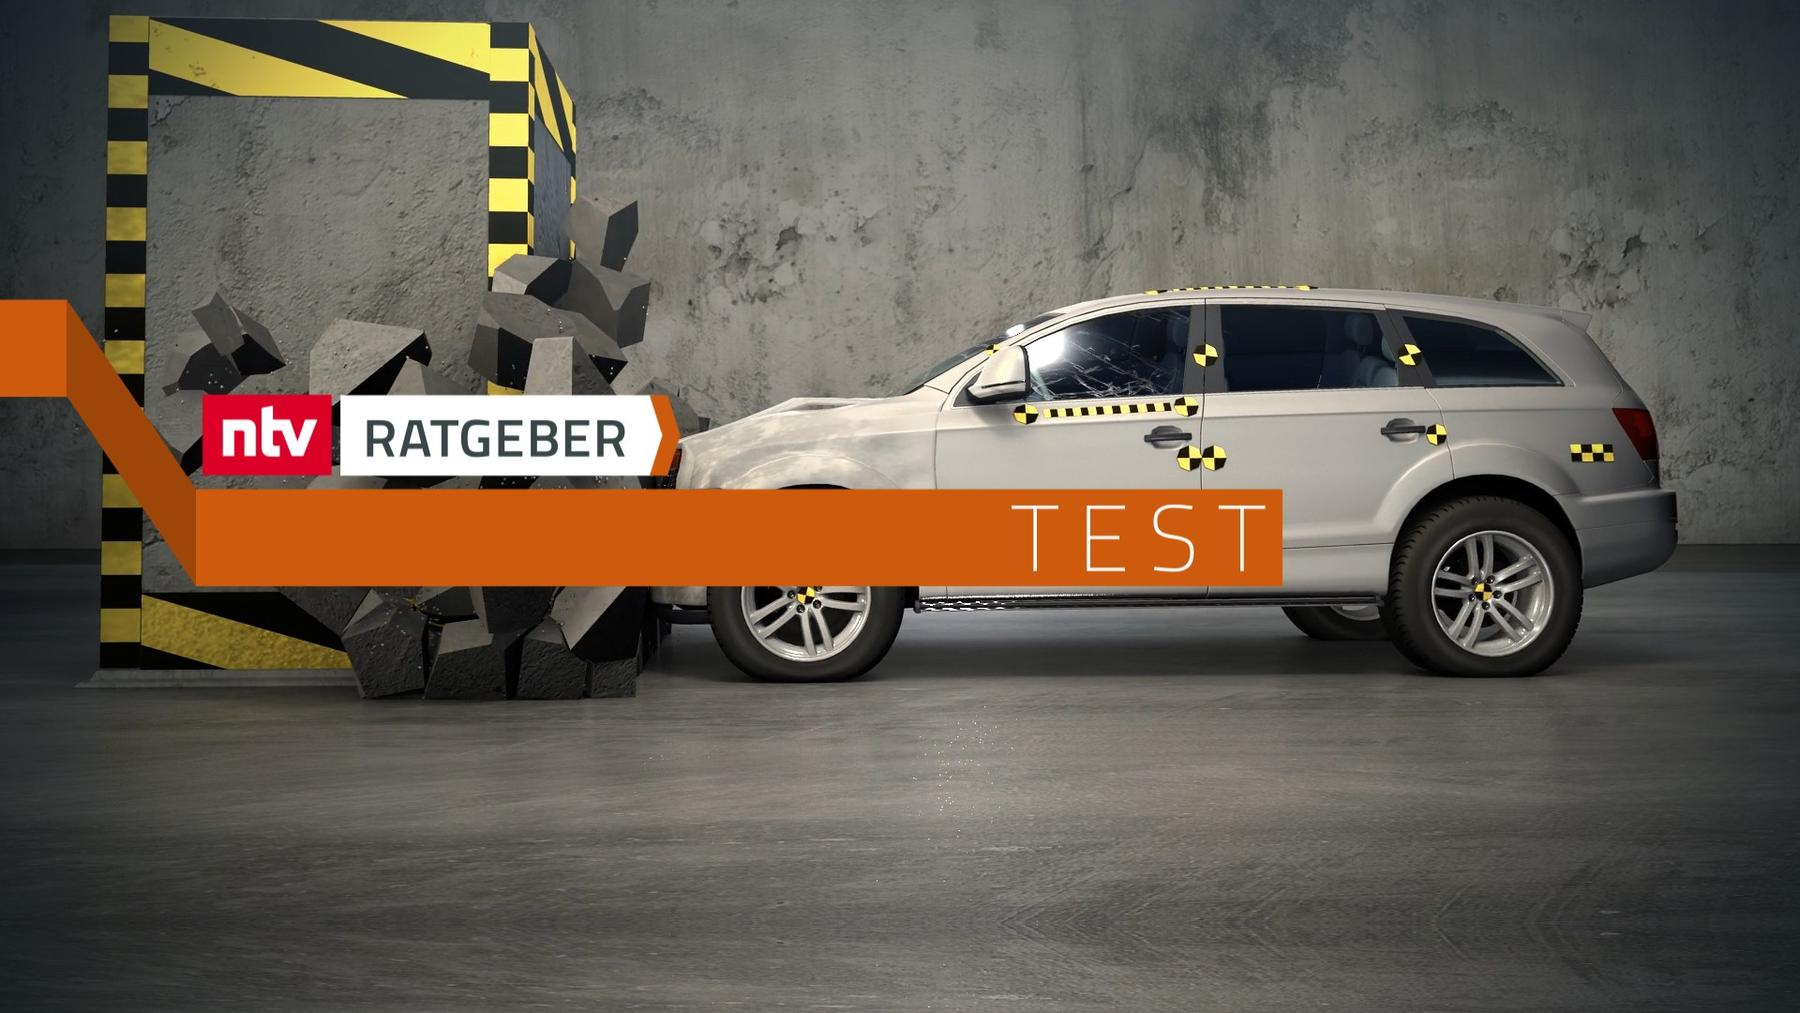 Ratgeber - Test